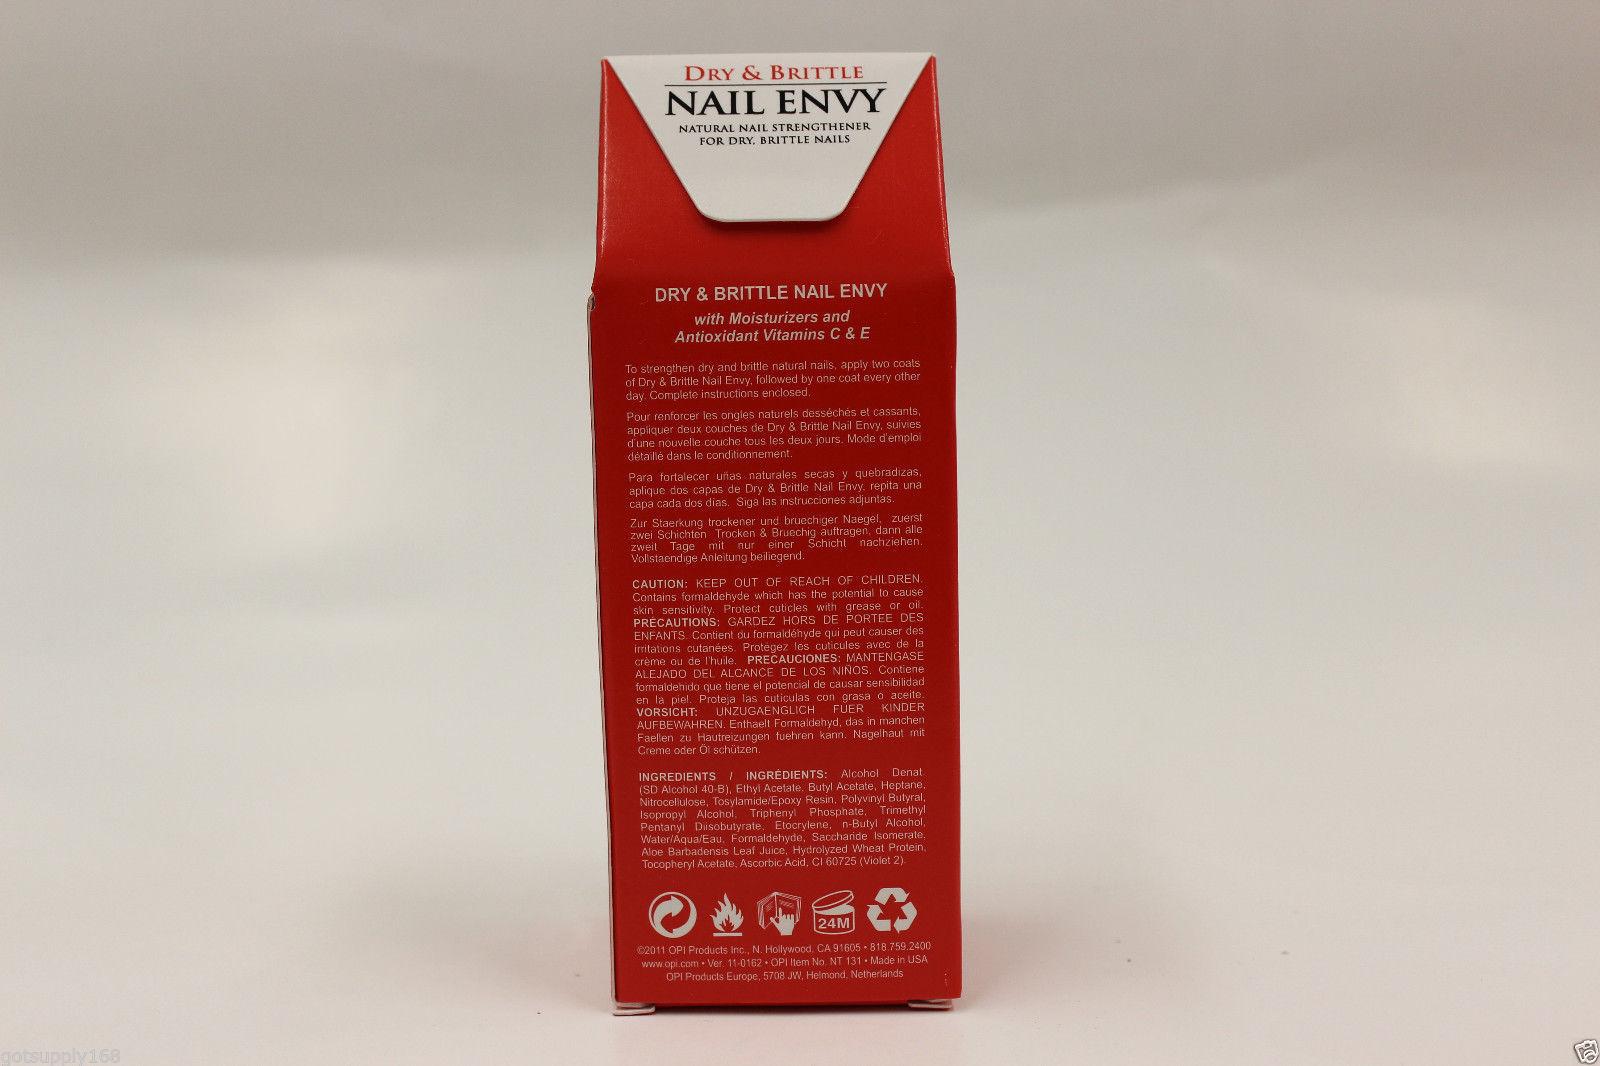 NT131 - Opi Nail Envy - Nail Strengthener and similar items